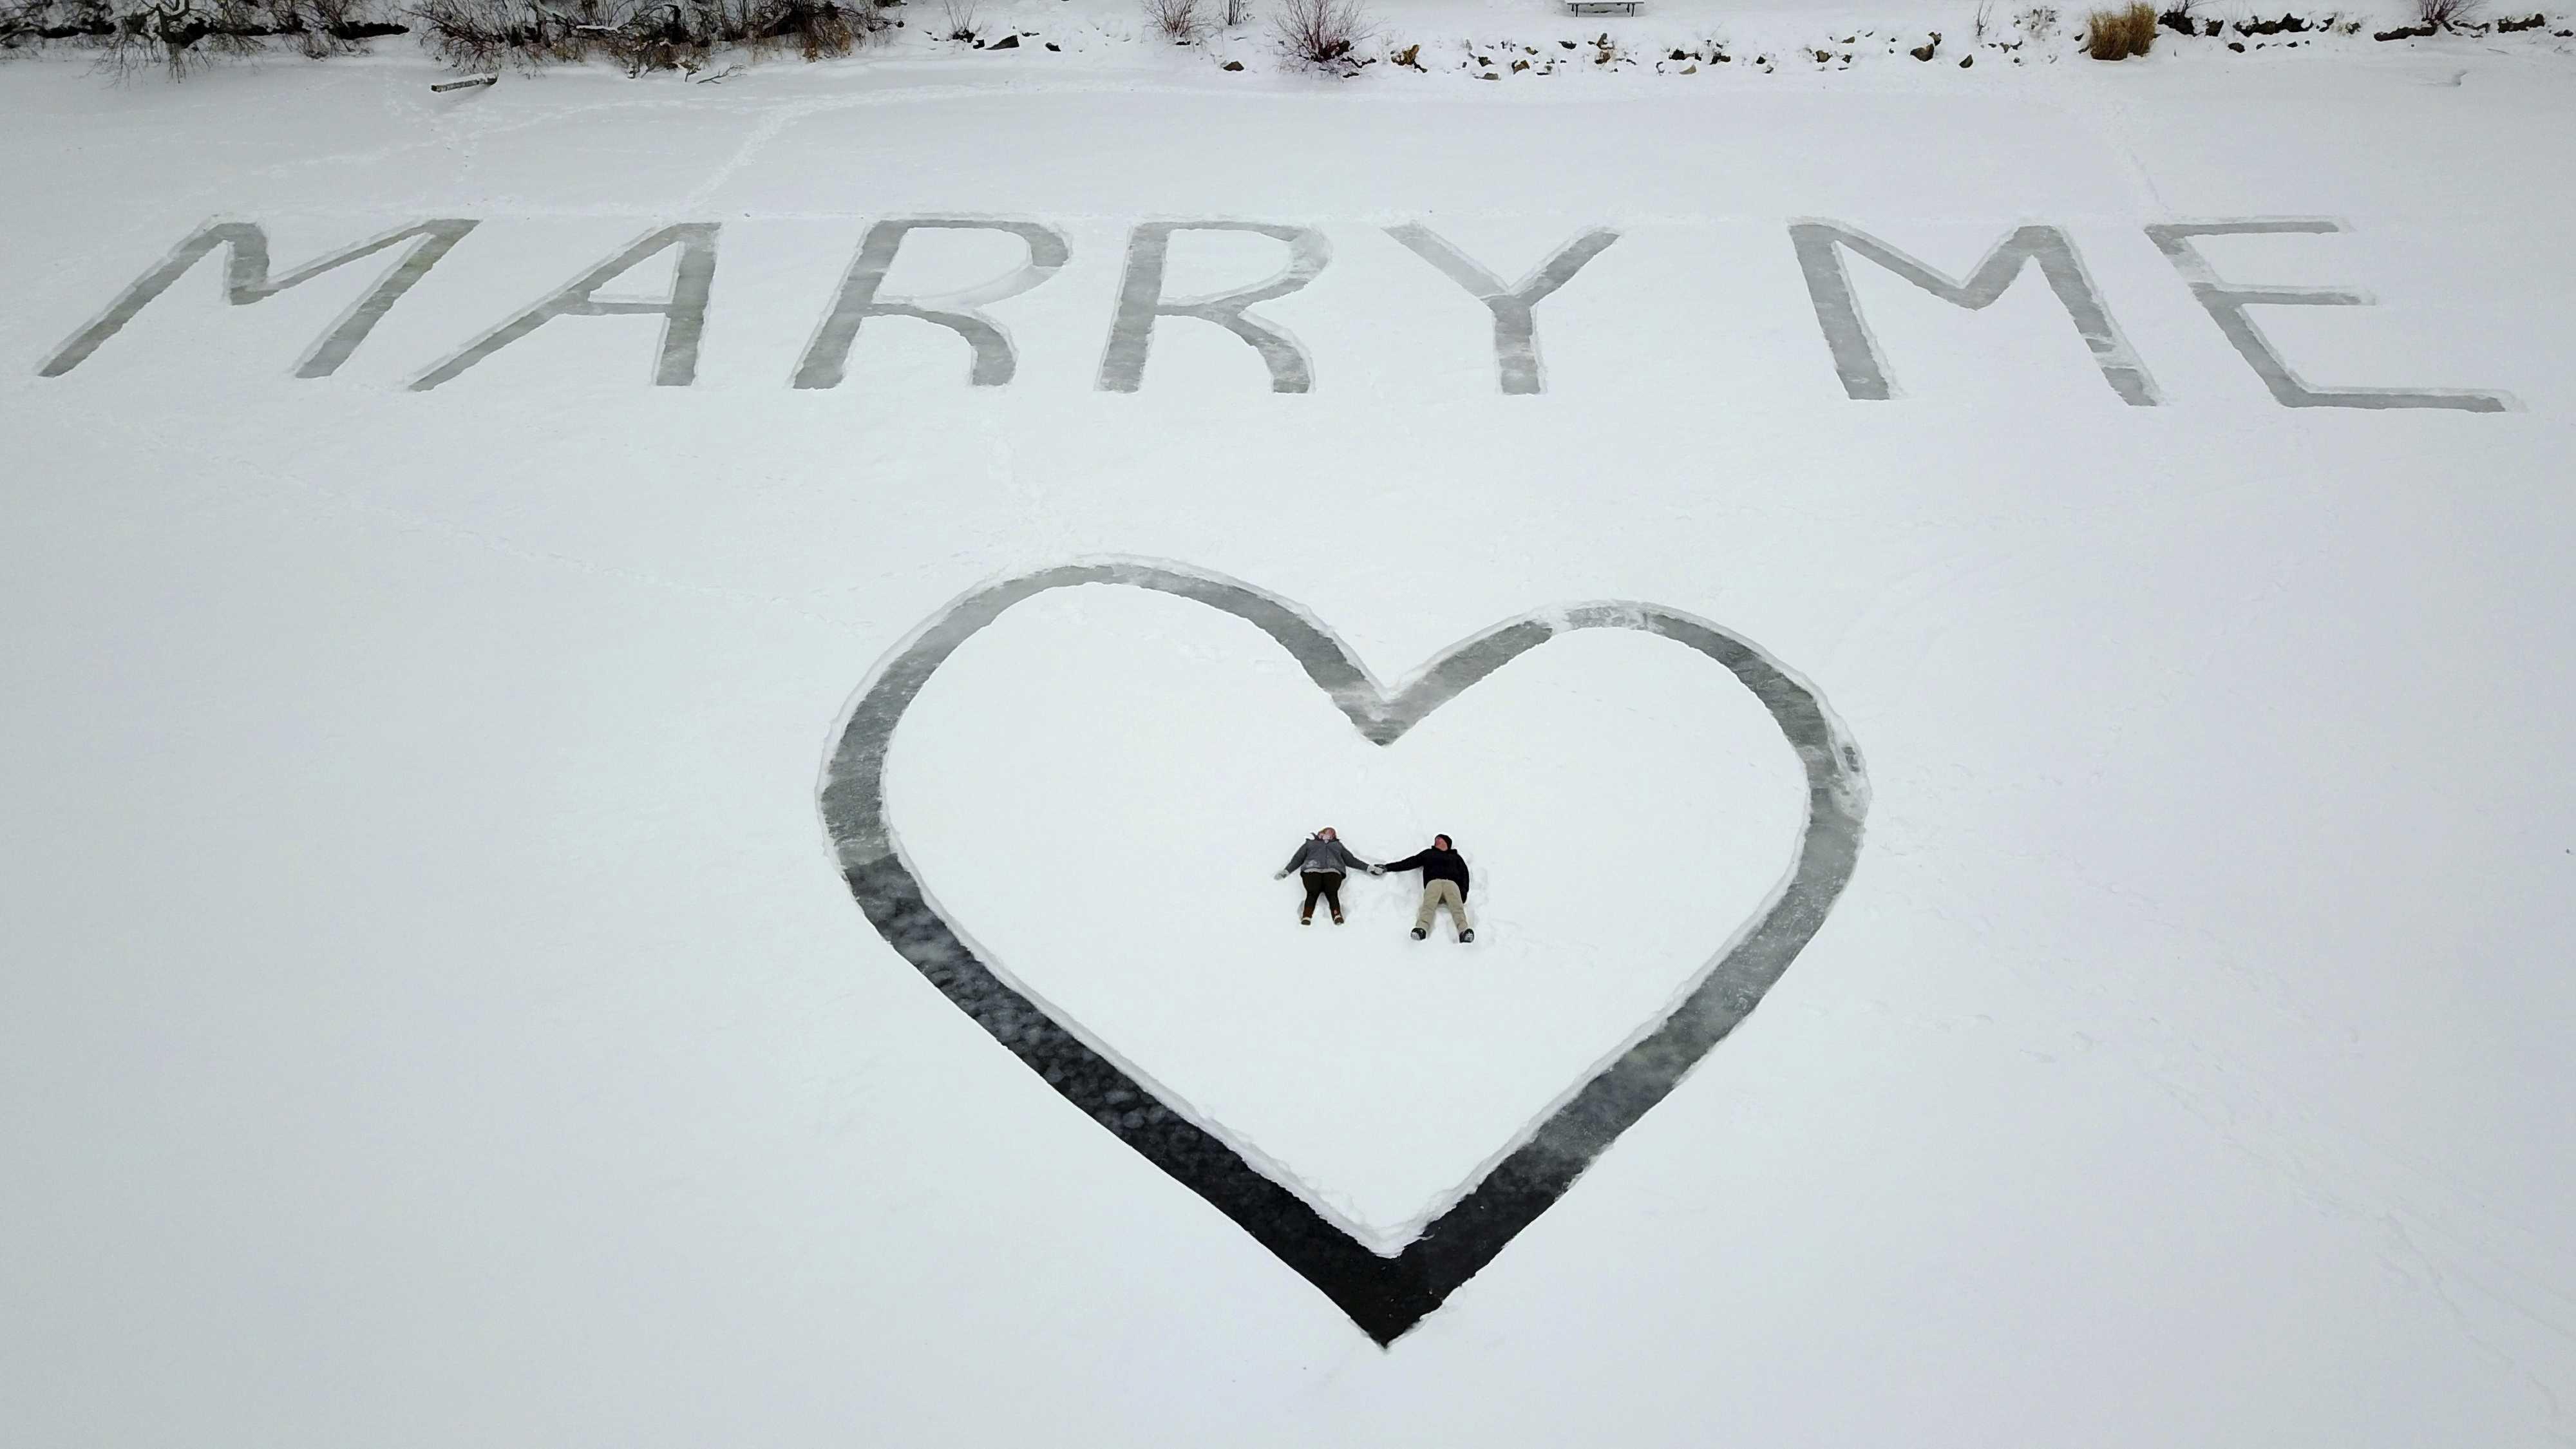 Херсонец в центре города креативно сделал предложение своей возлюбленной